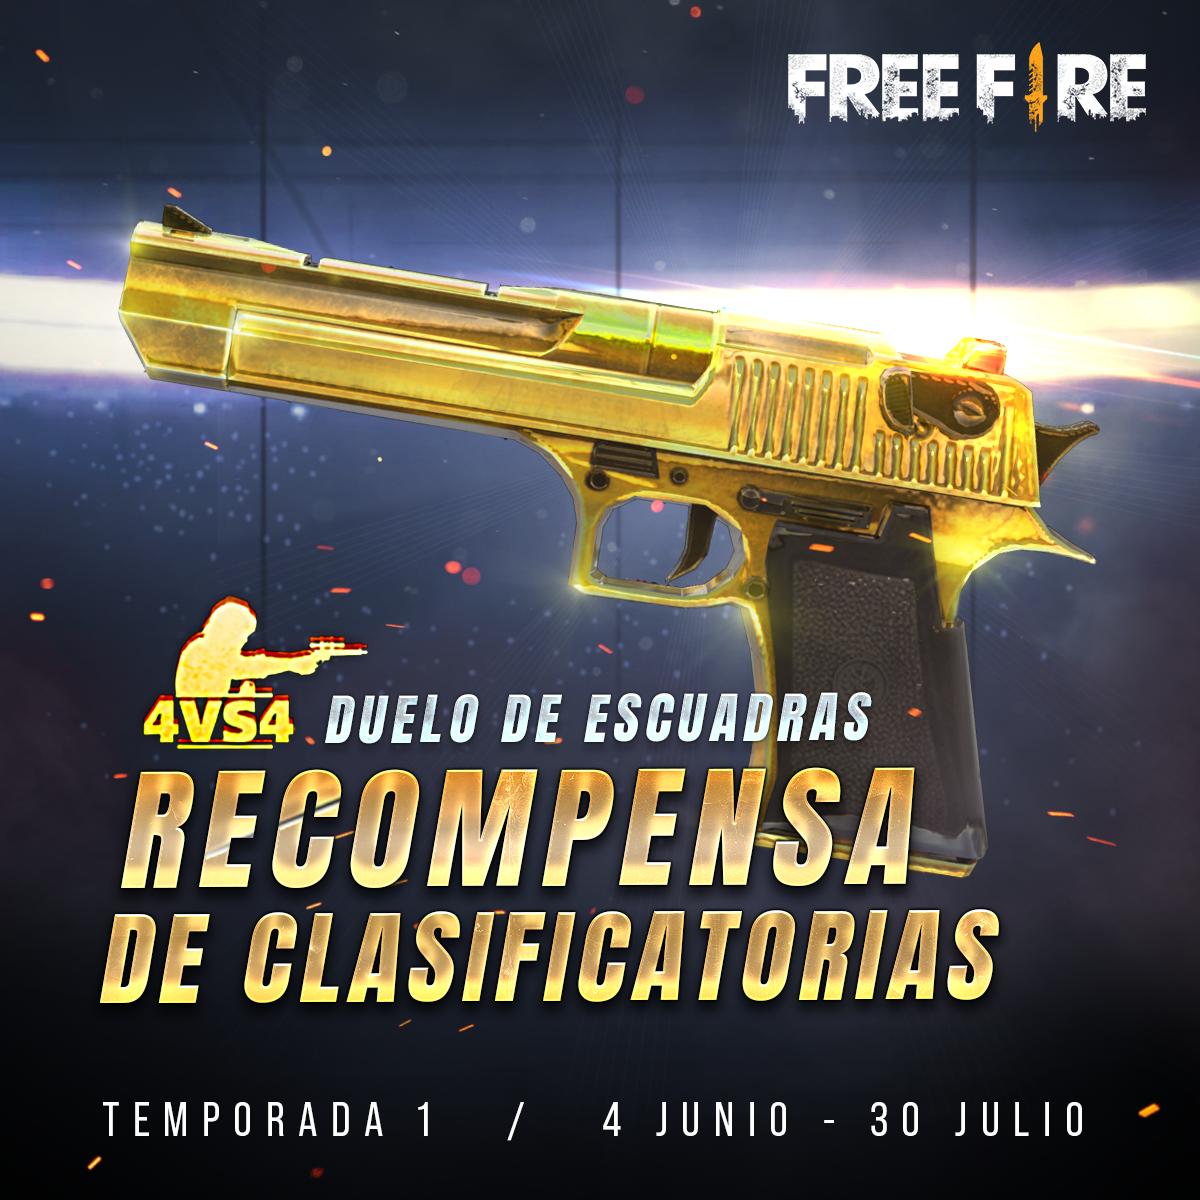 Free fire recompensa de clasificatoria desert eagle